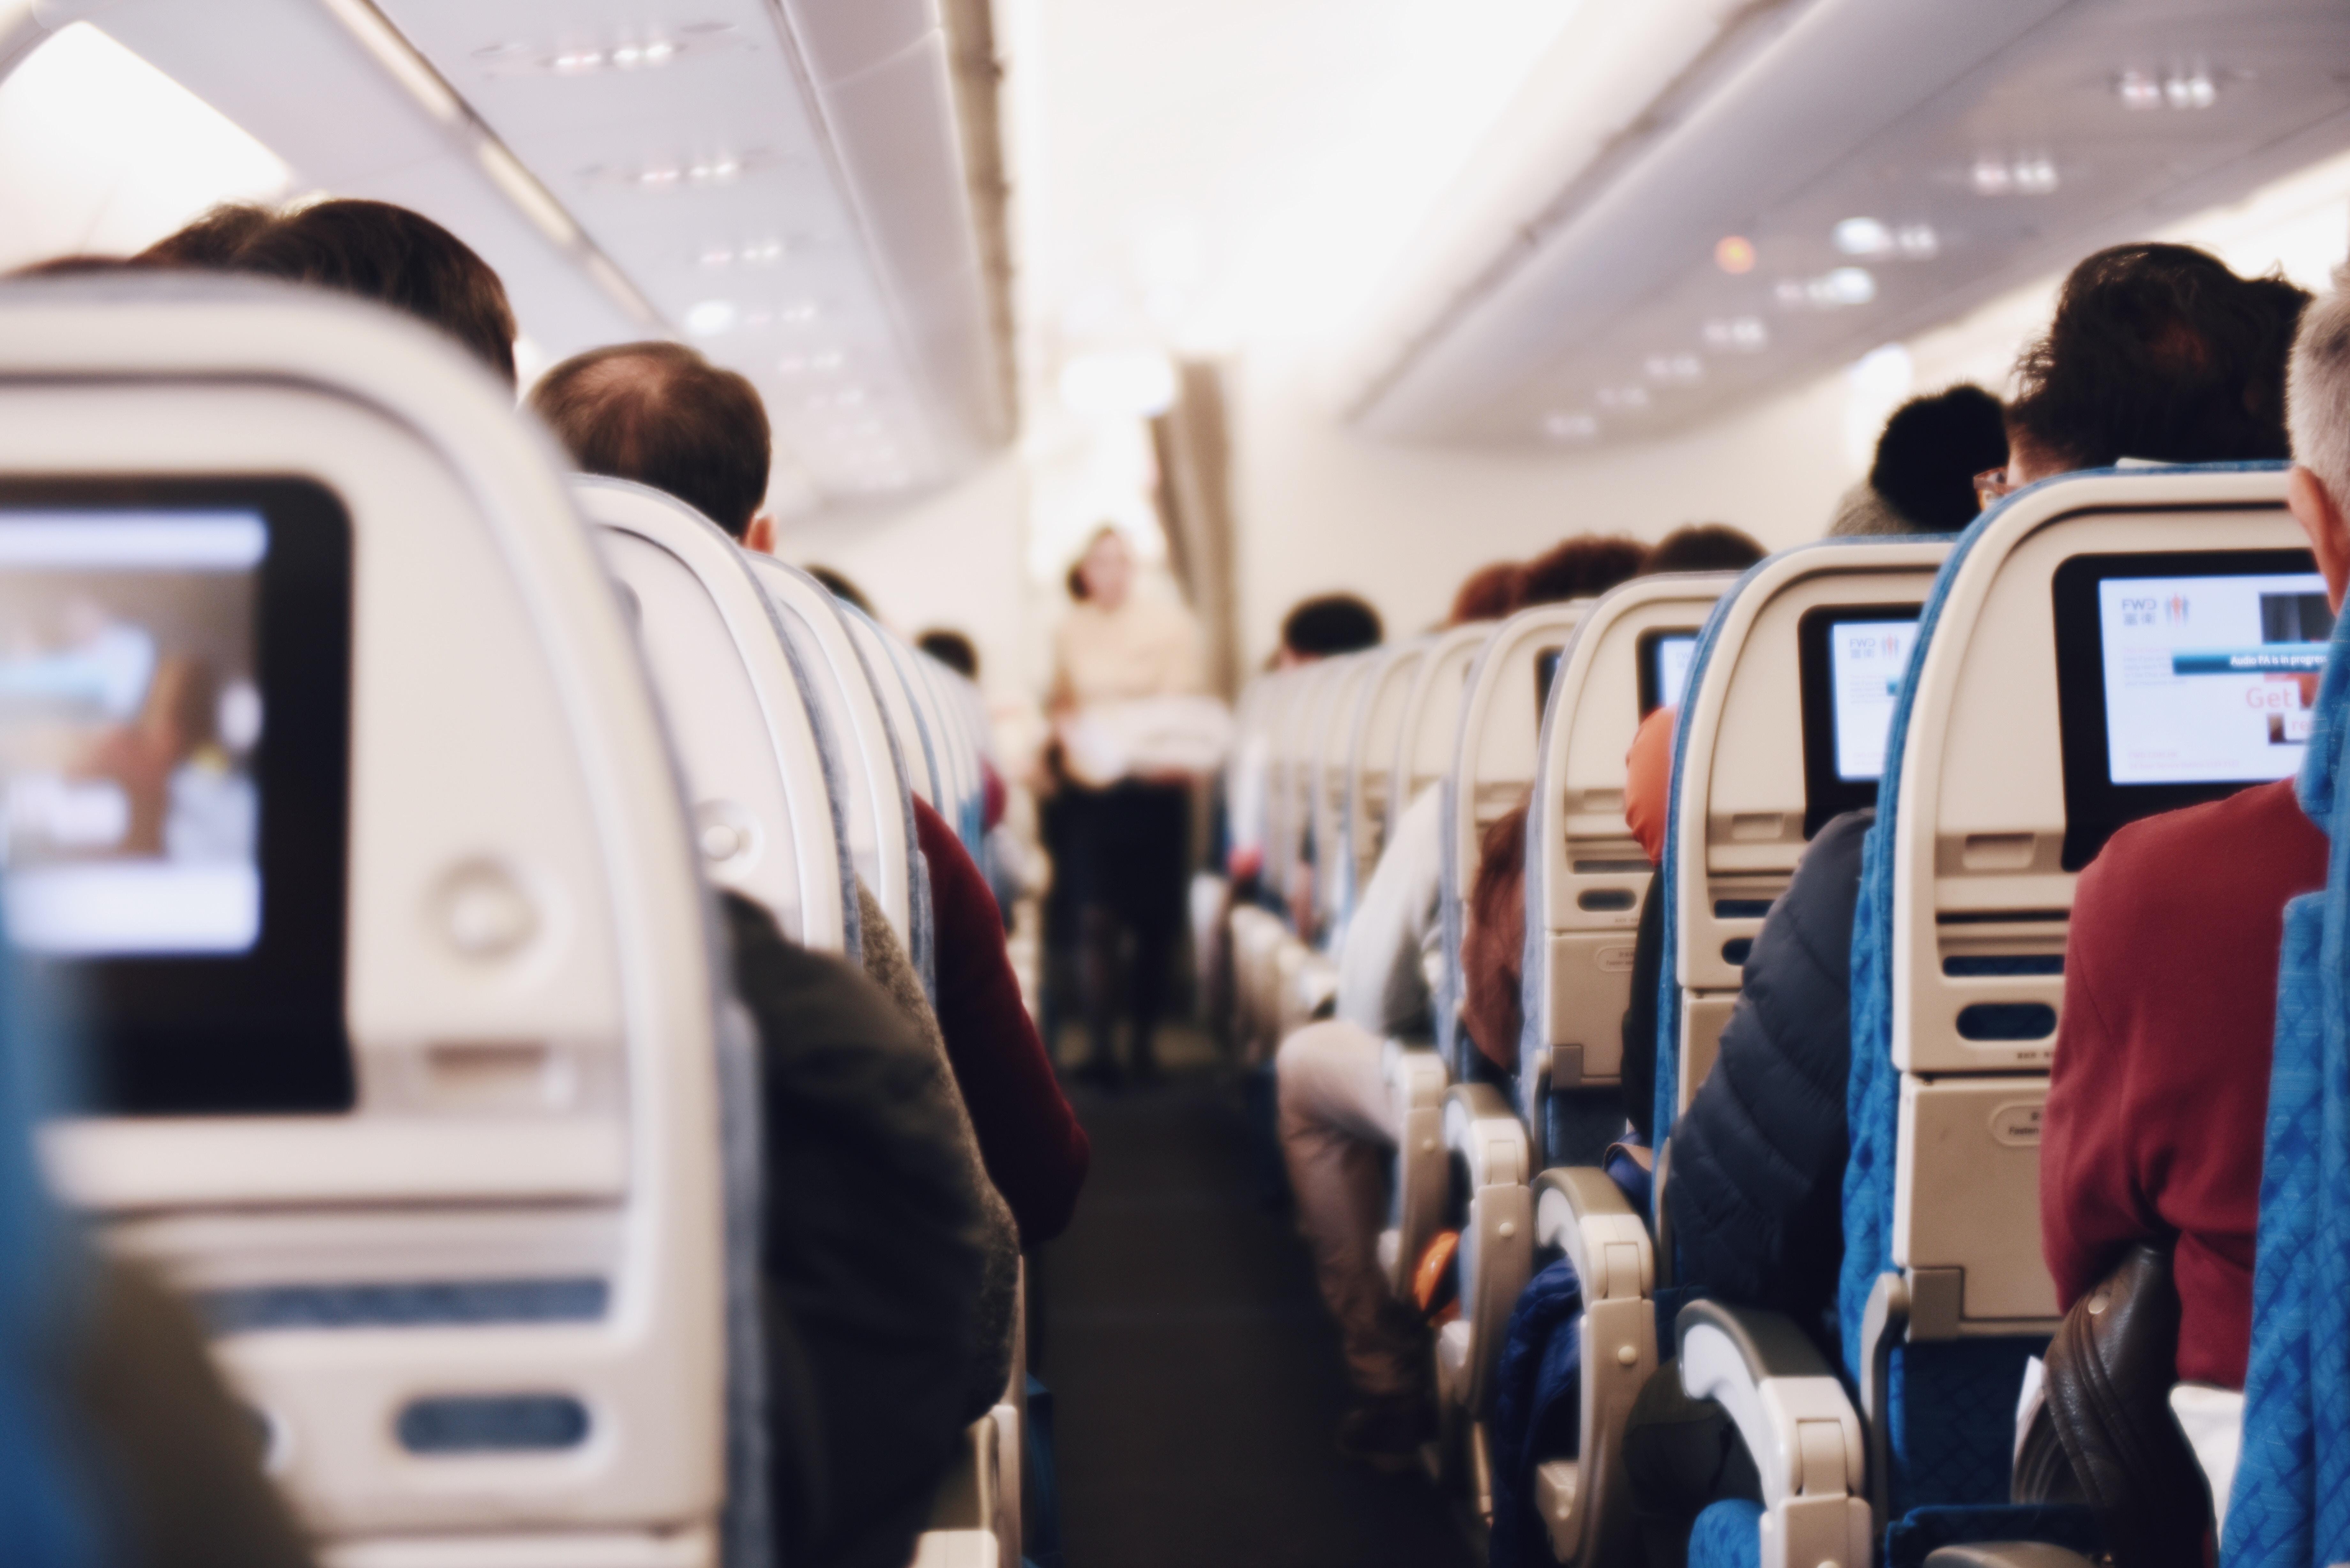 Die Reise in einem völlig verrückten Flugzeug